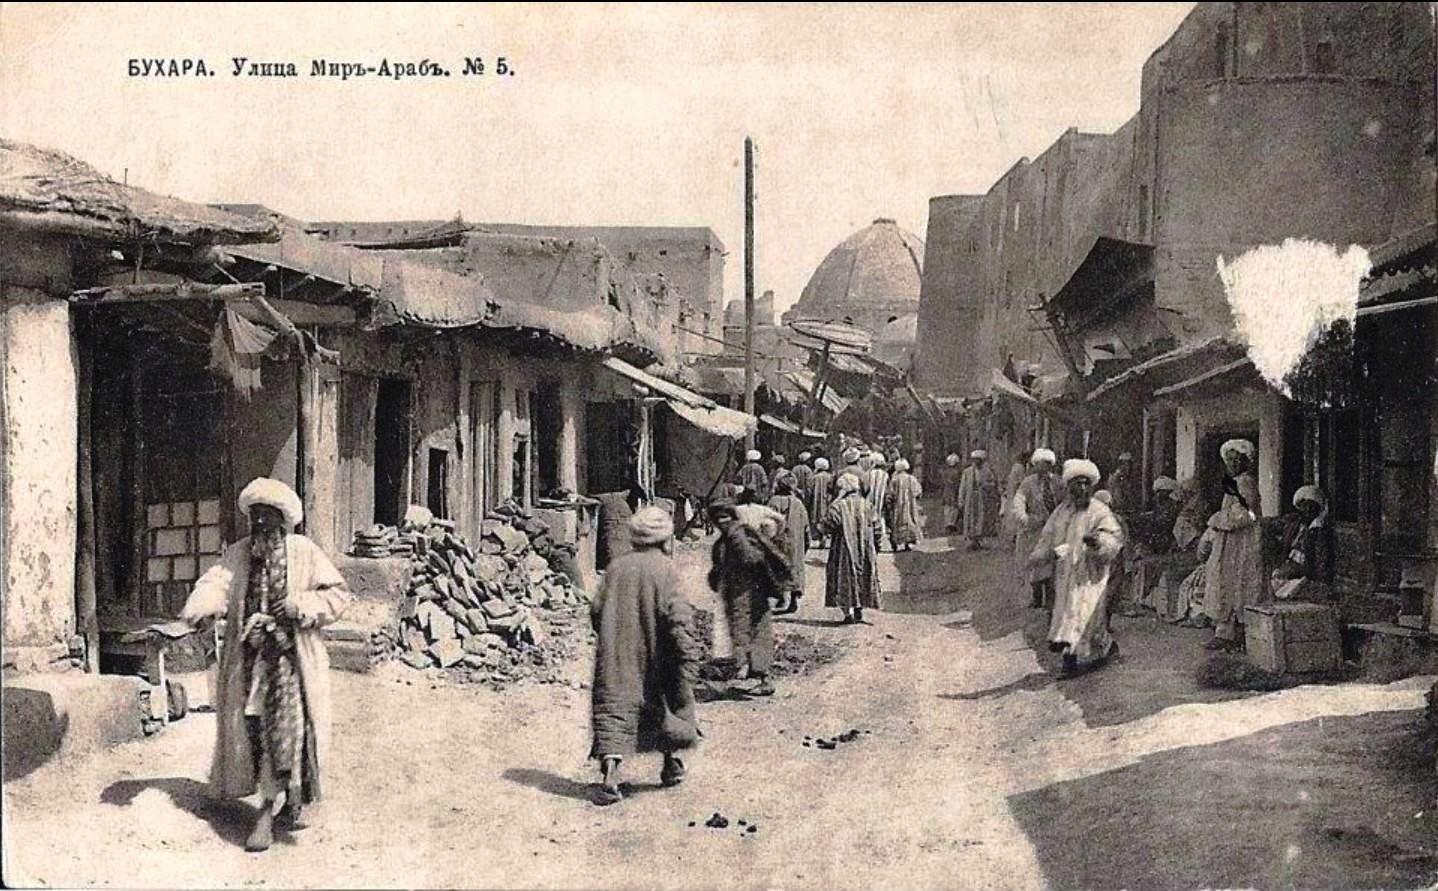 Улица Мир-Араб